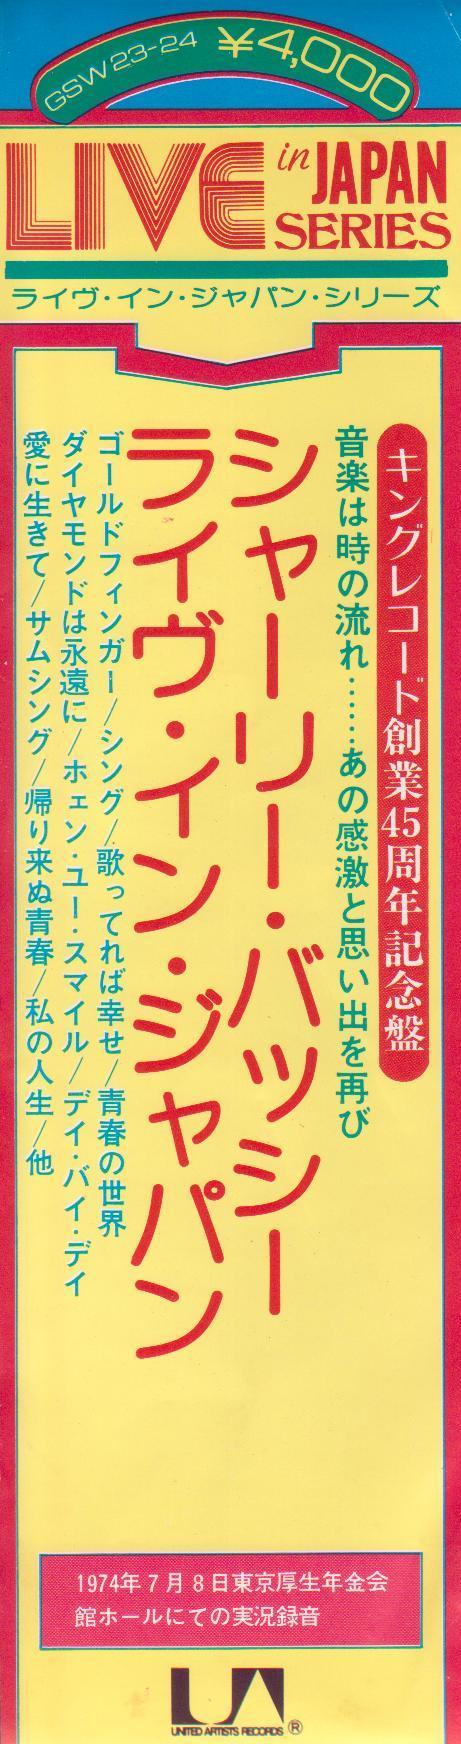 japan lp 3